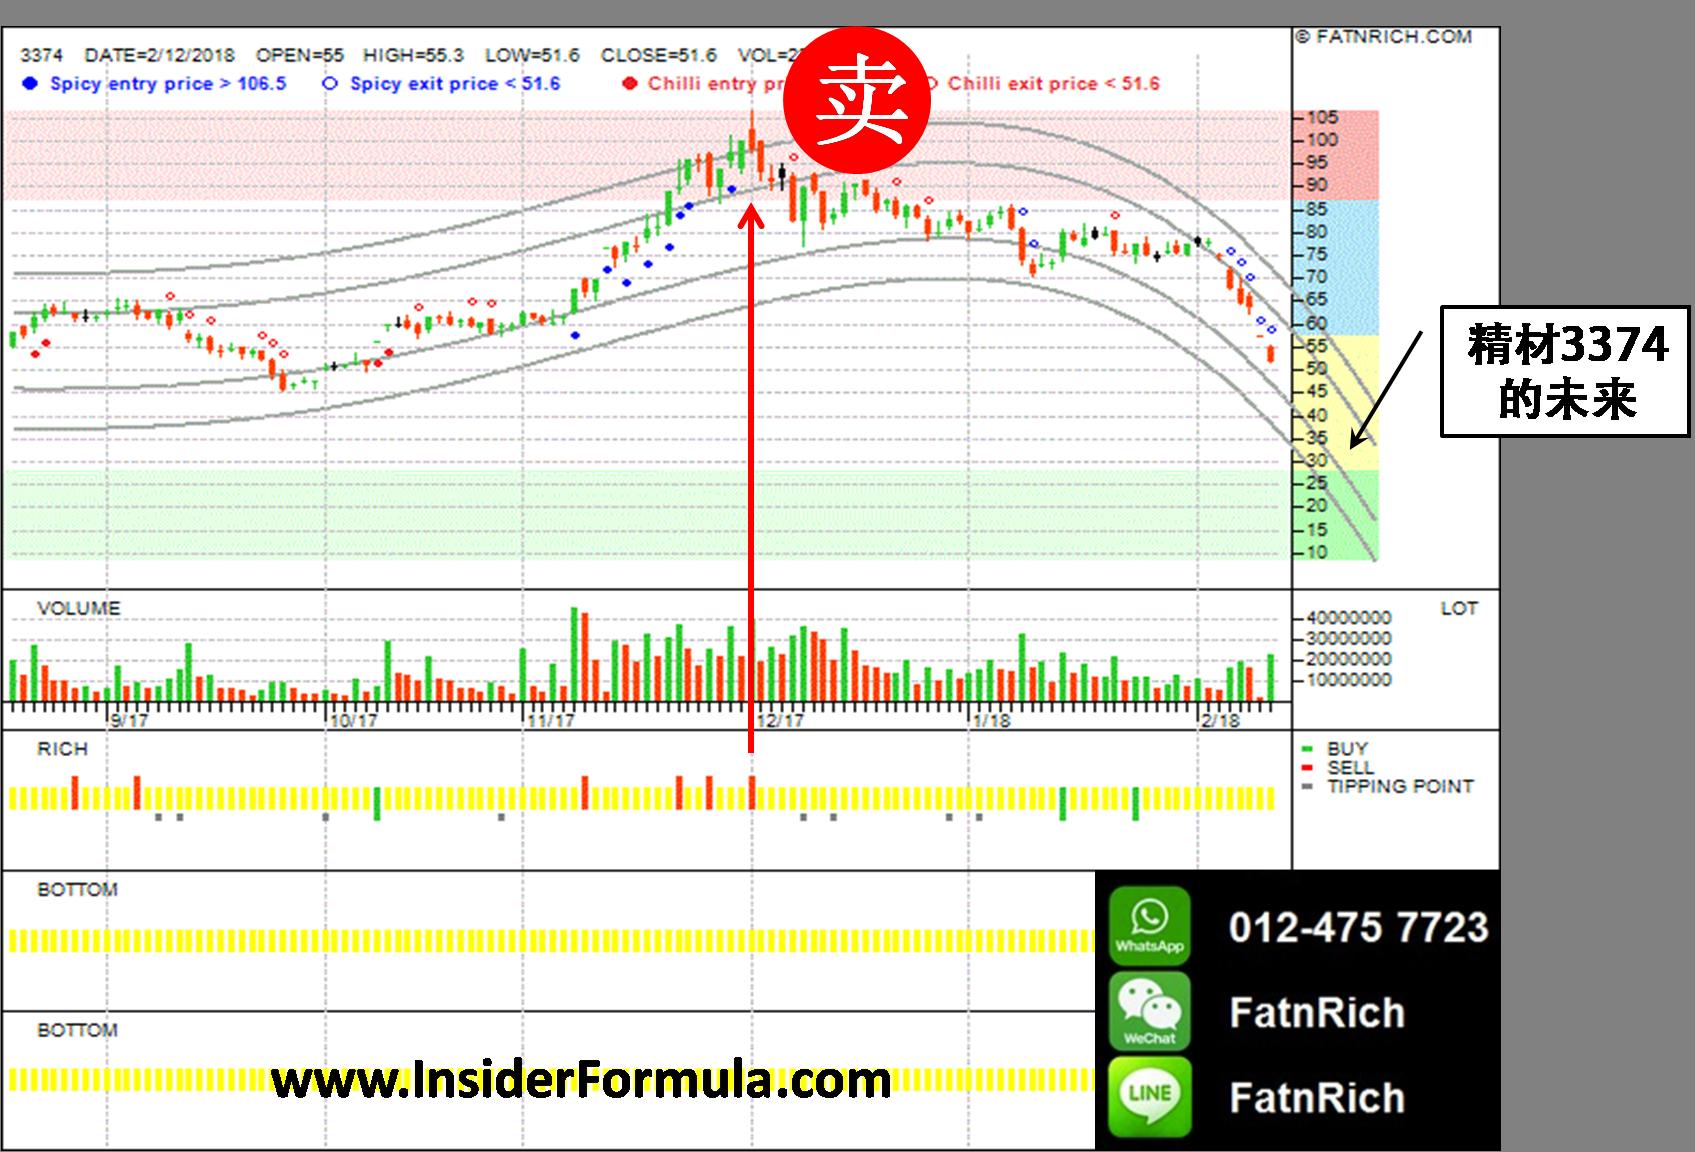 台湾股票精材XINTEC INC 3374 没有掌握格雷厄姆《聪明的投资者》的原则,你就赚不到钱